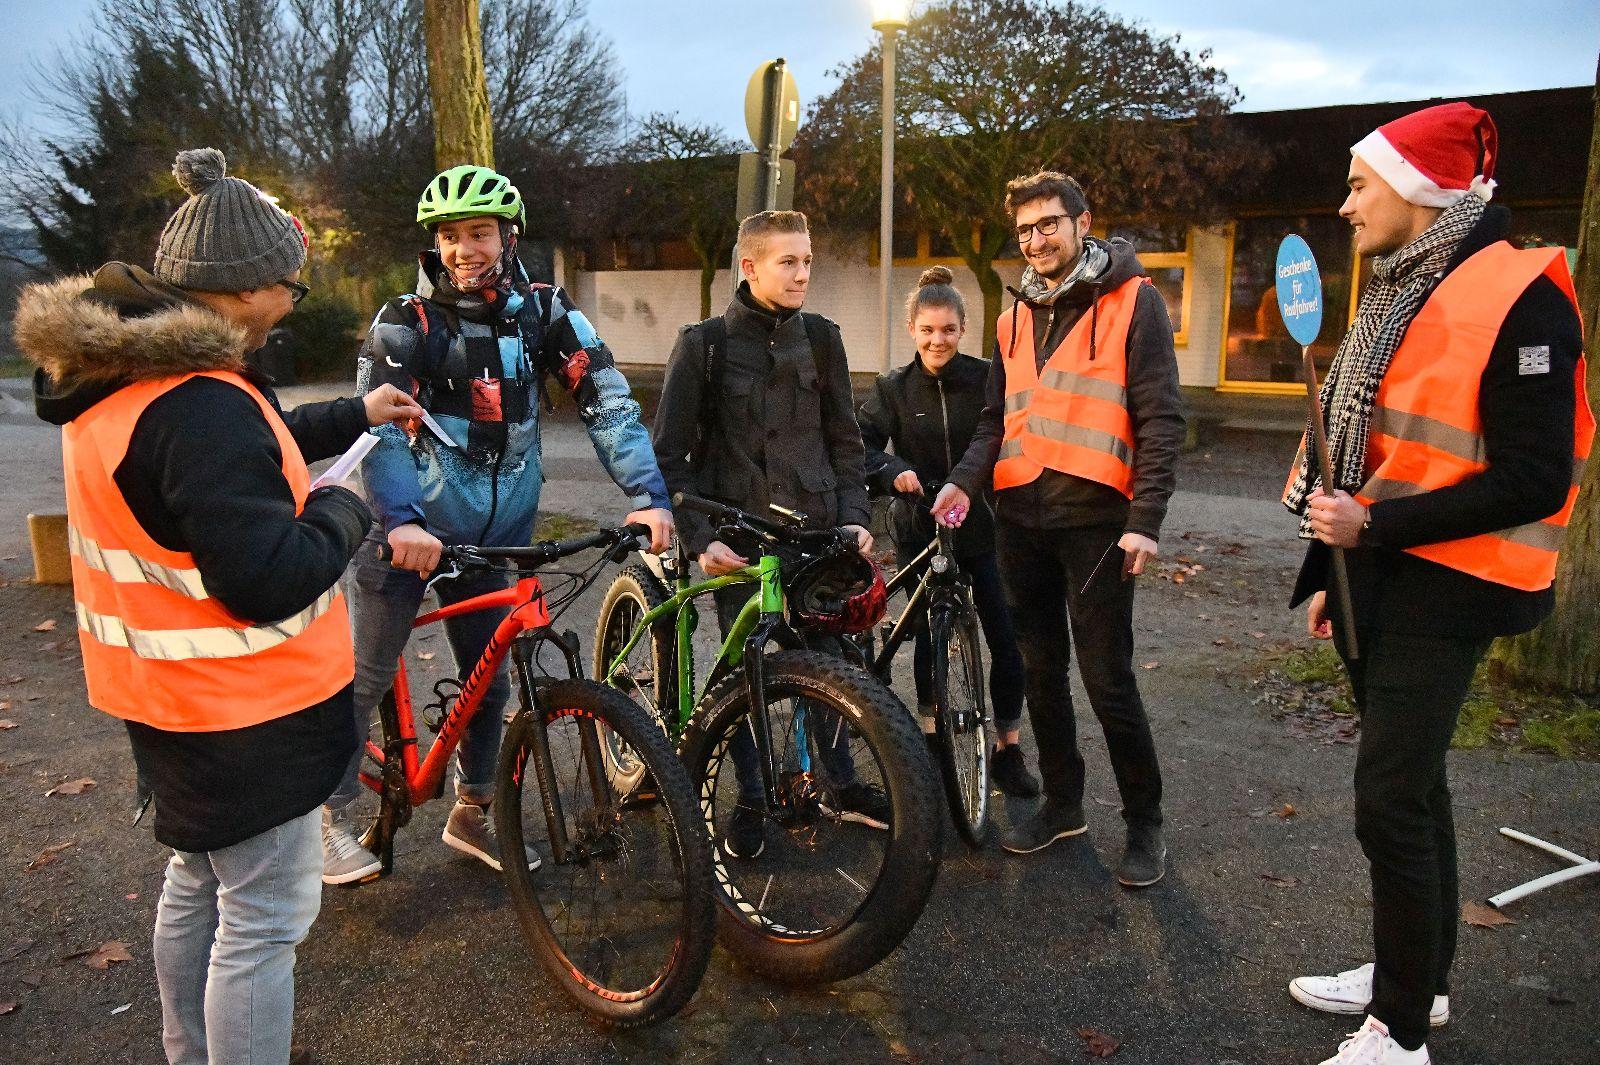 Bei der Nikolaus-Aktion für mehr Verkehrssicherheit haben Mitarbeiter der Stadt mit Eltern und ADFC-Mitgliedern Gutscheine an Schülerinnen und Schüler verteilt, die keine funktionstüchtige Beleuchtung am Fahrrad haben. Alle mit einer intakten Beleuchtung